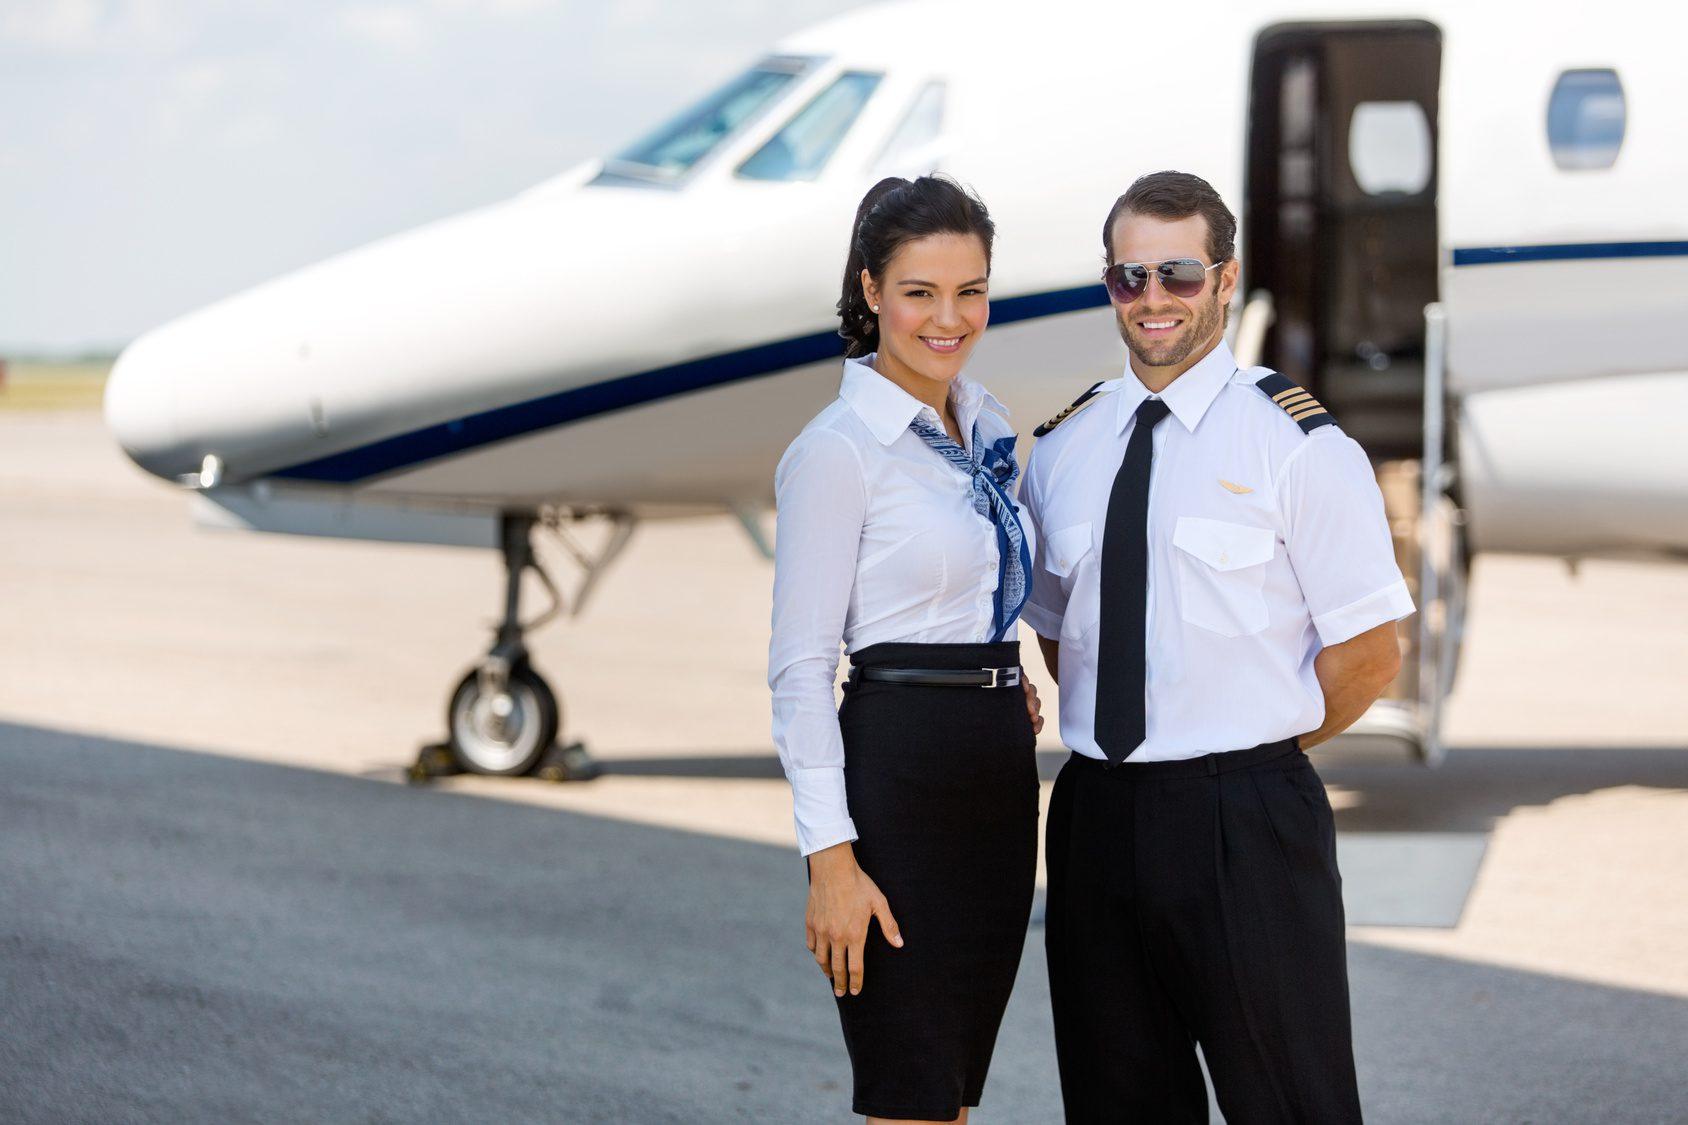 zawód stewardessa